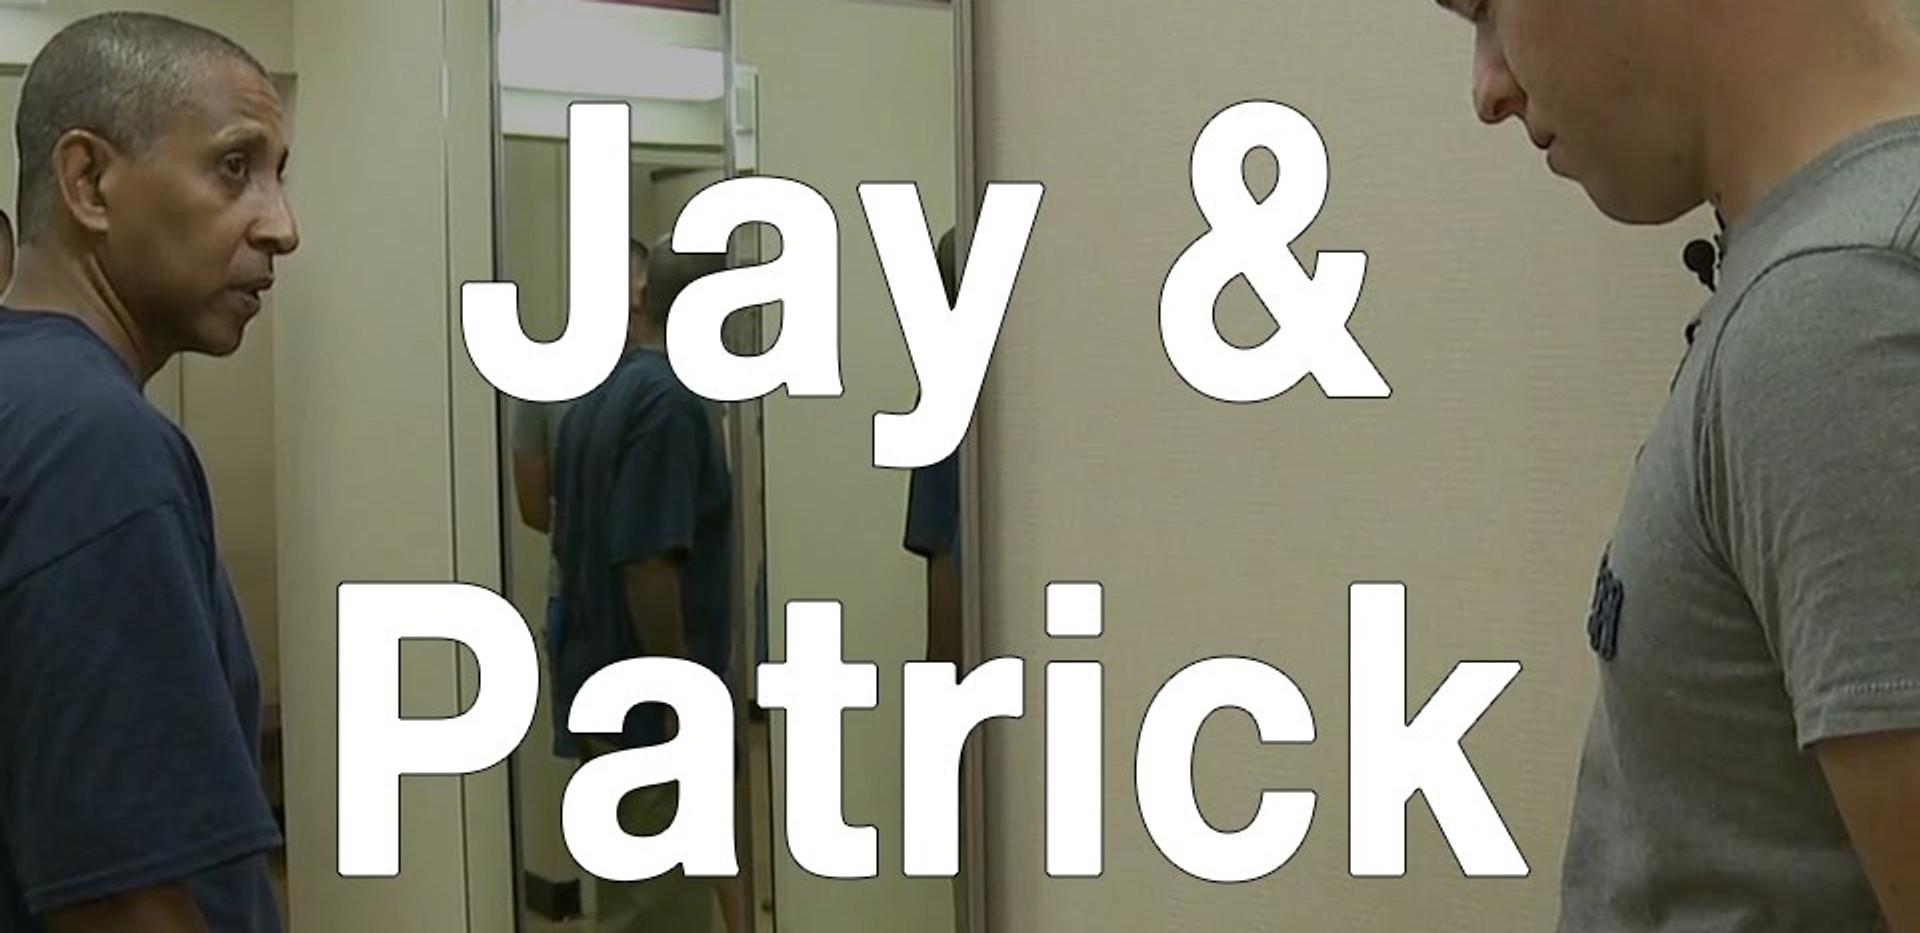 Jay and Patrick